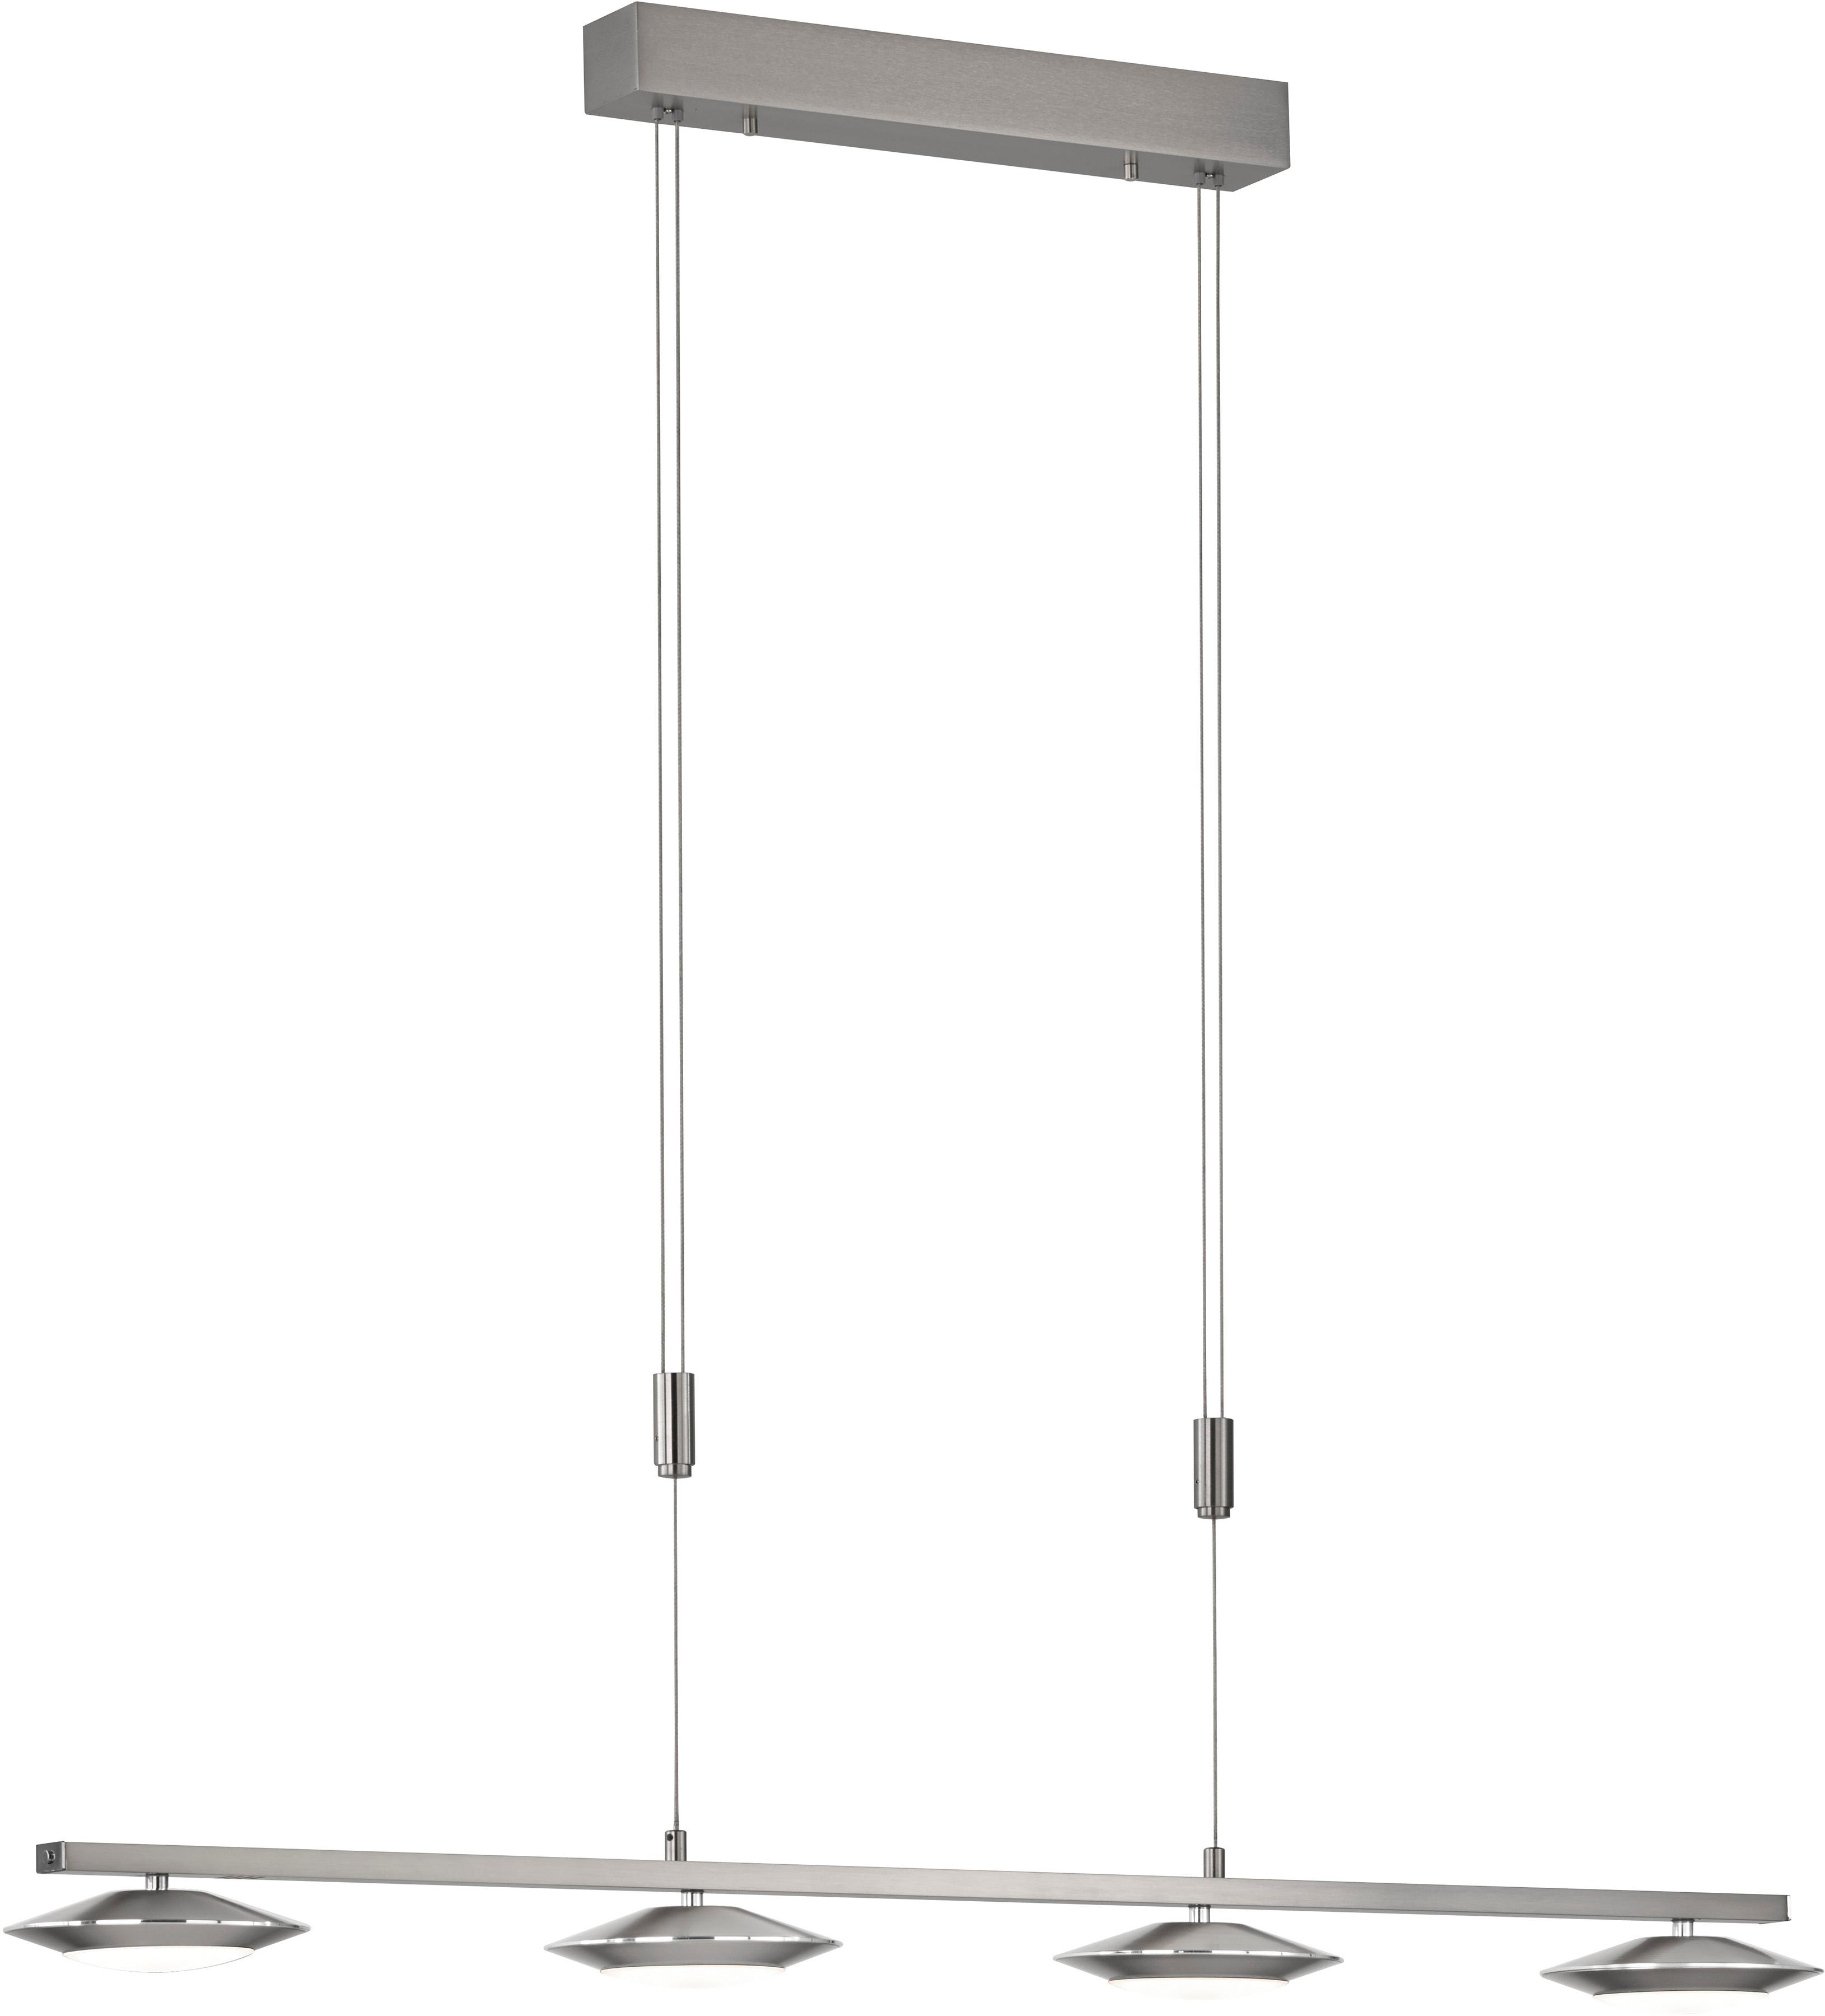 FISCHER & HONSEL LED-Hängeleuchte Beta Zig, LED-Board, 1 St., LED Pendelleuchte, LED Pendellampe